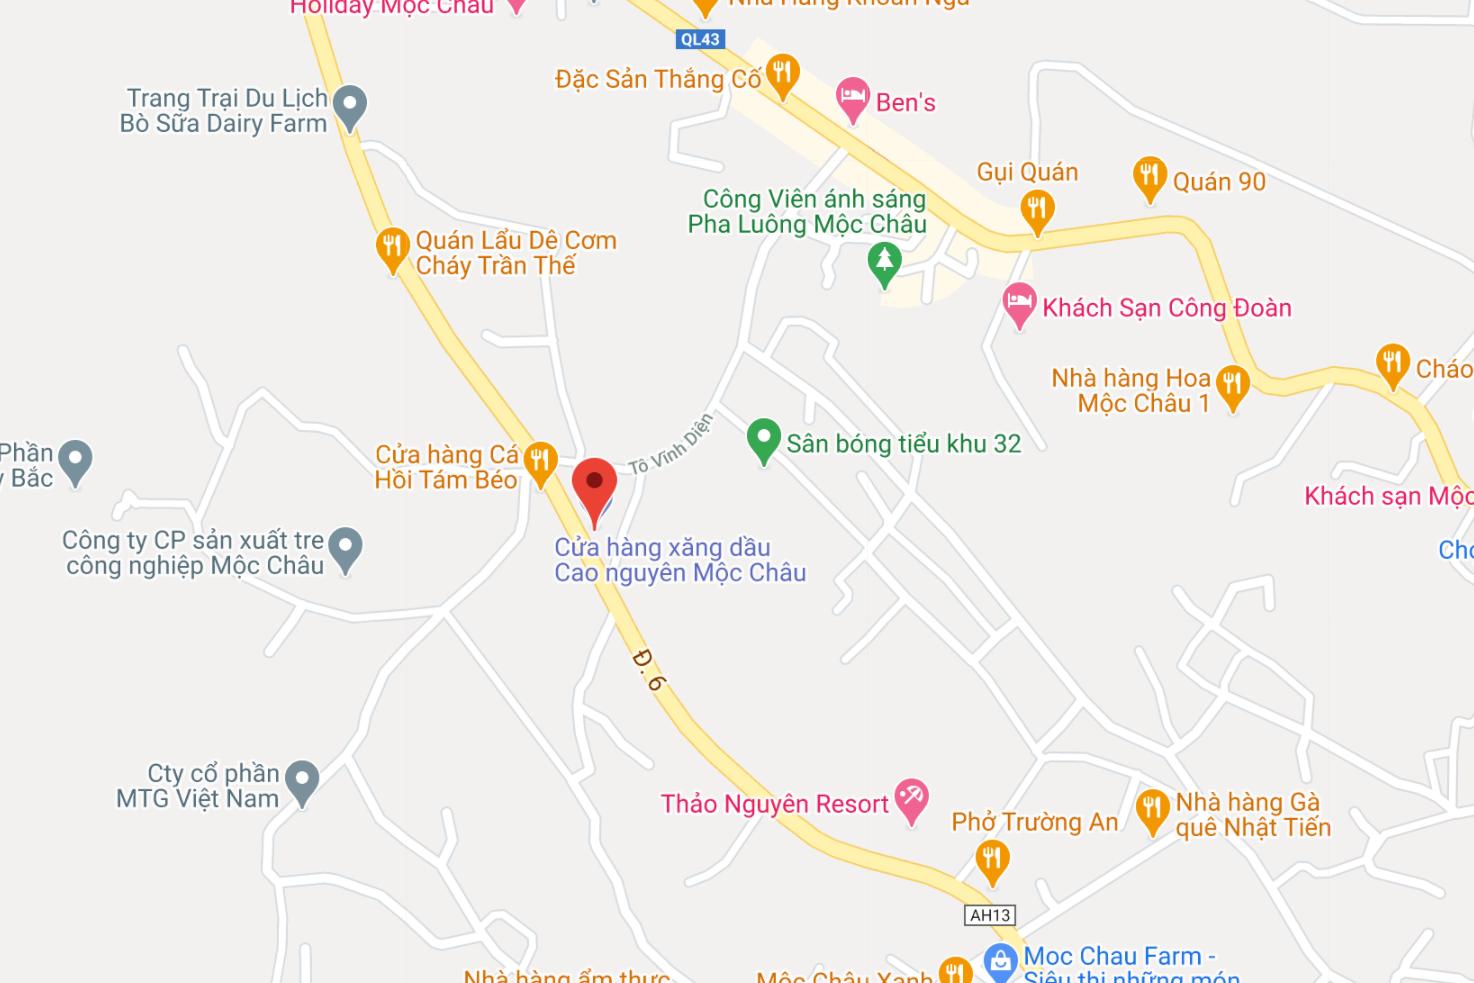 Địa điểm đón/trả khách tại Mộc Châu